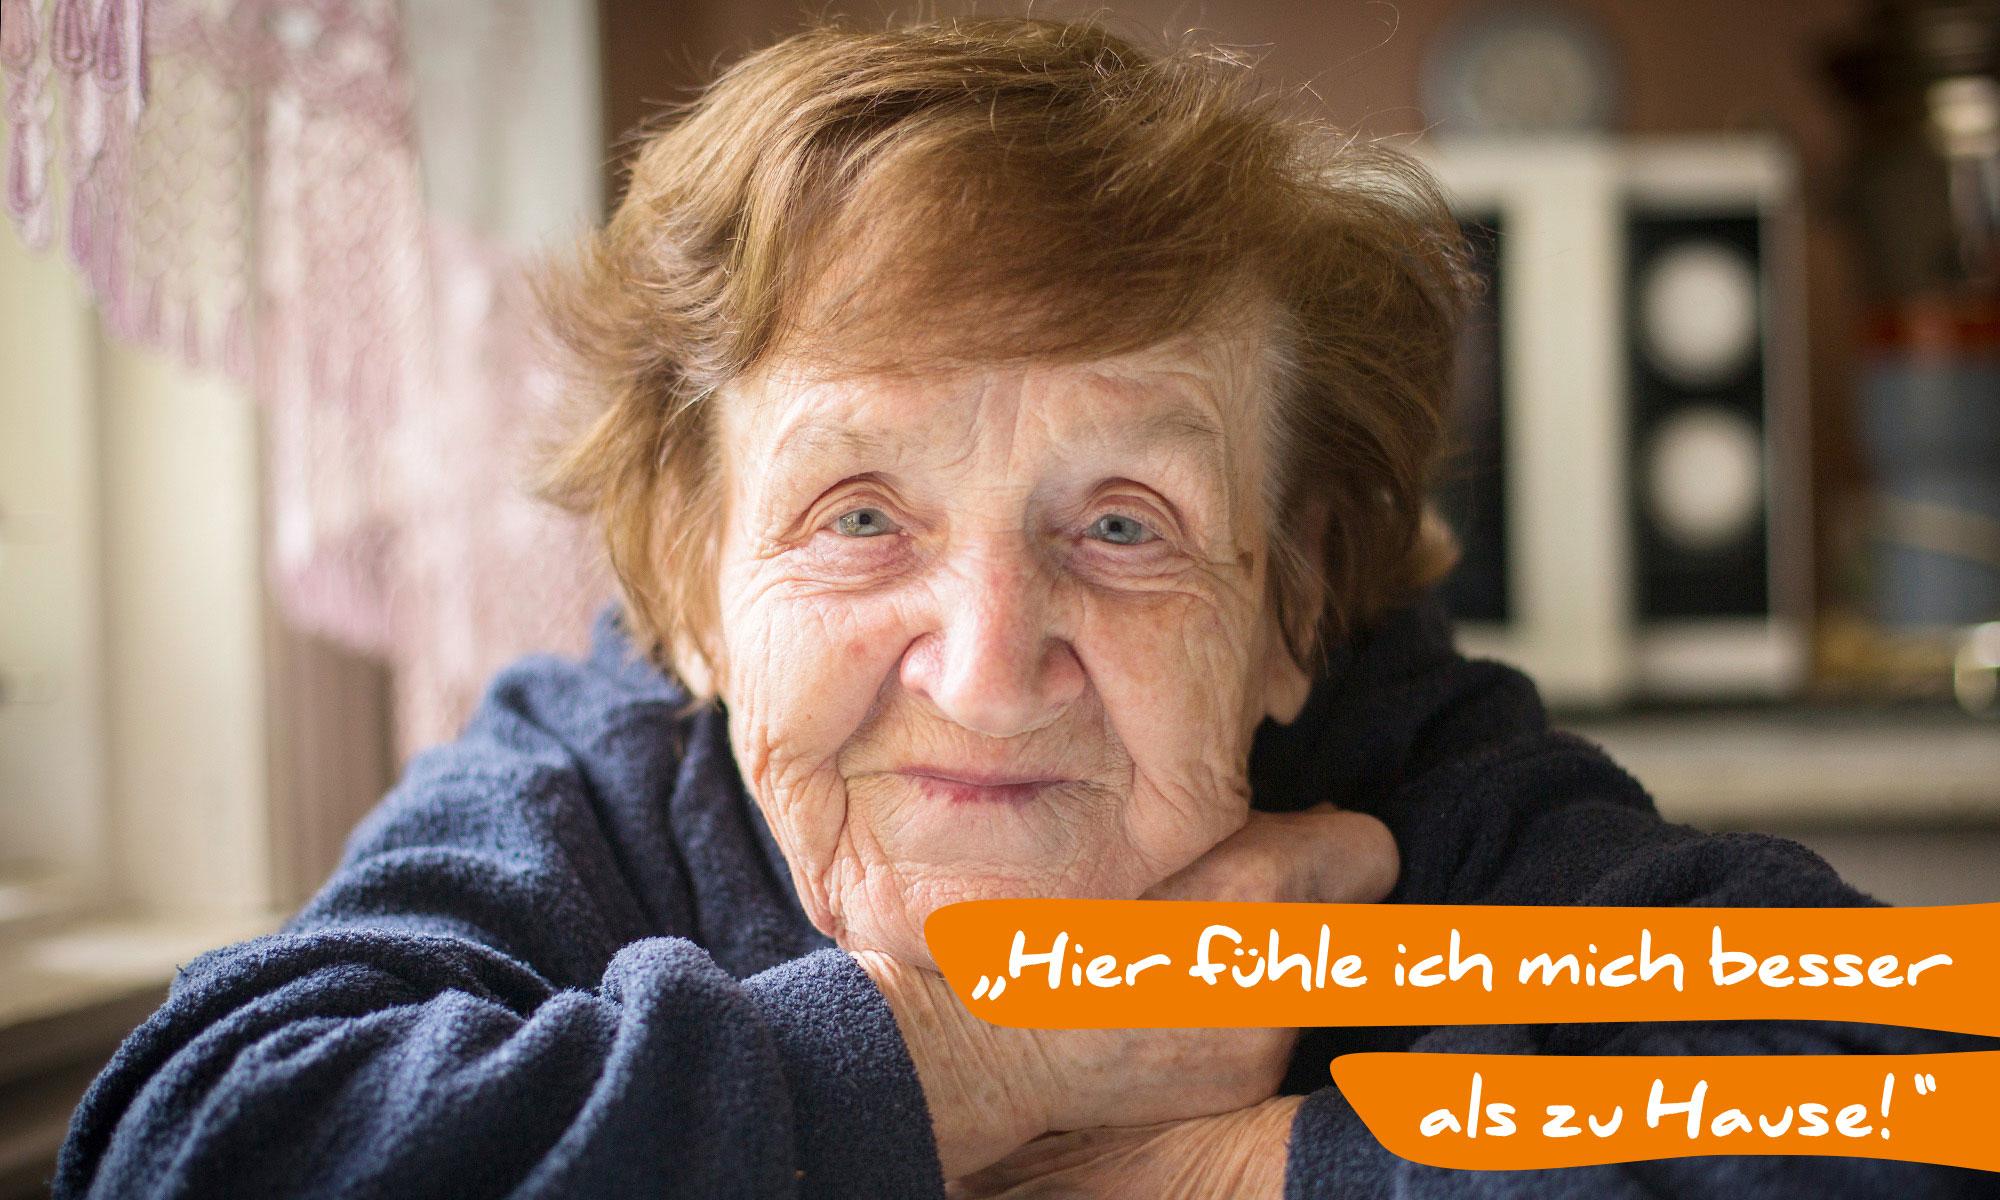 gutepflege-heidelberg_willkommen_text